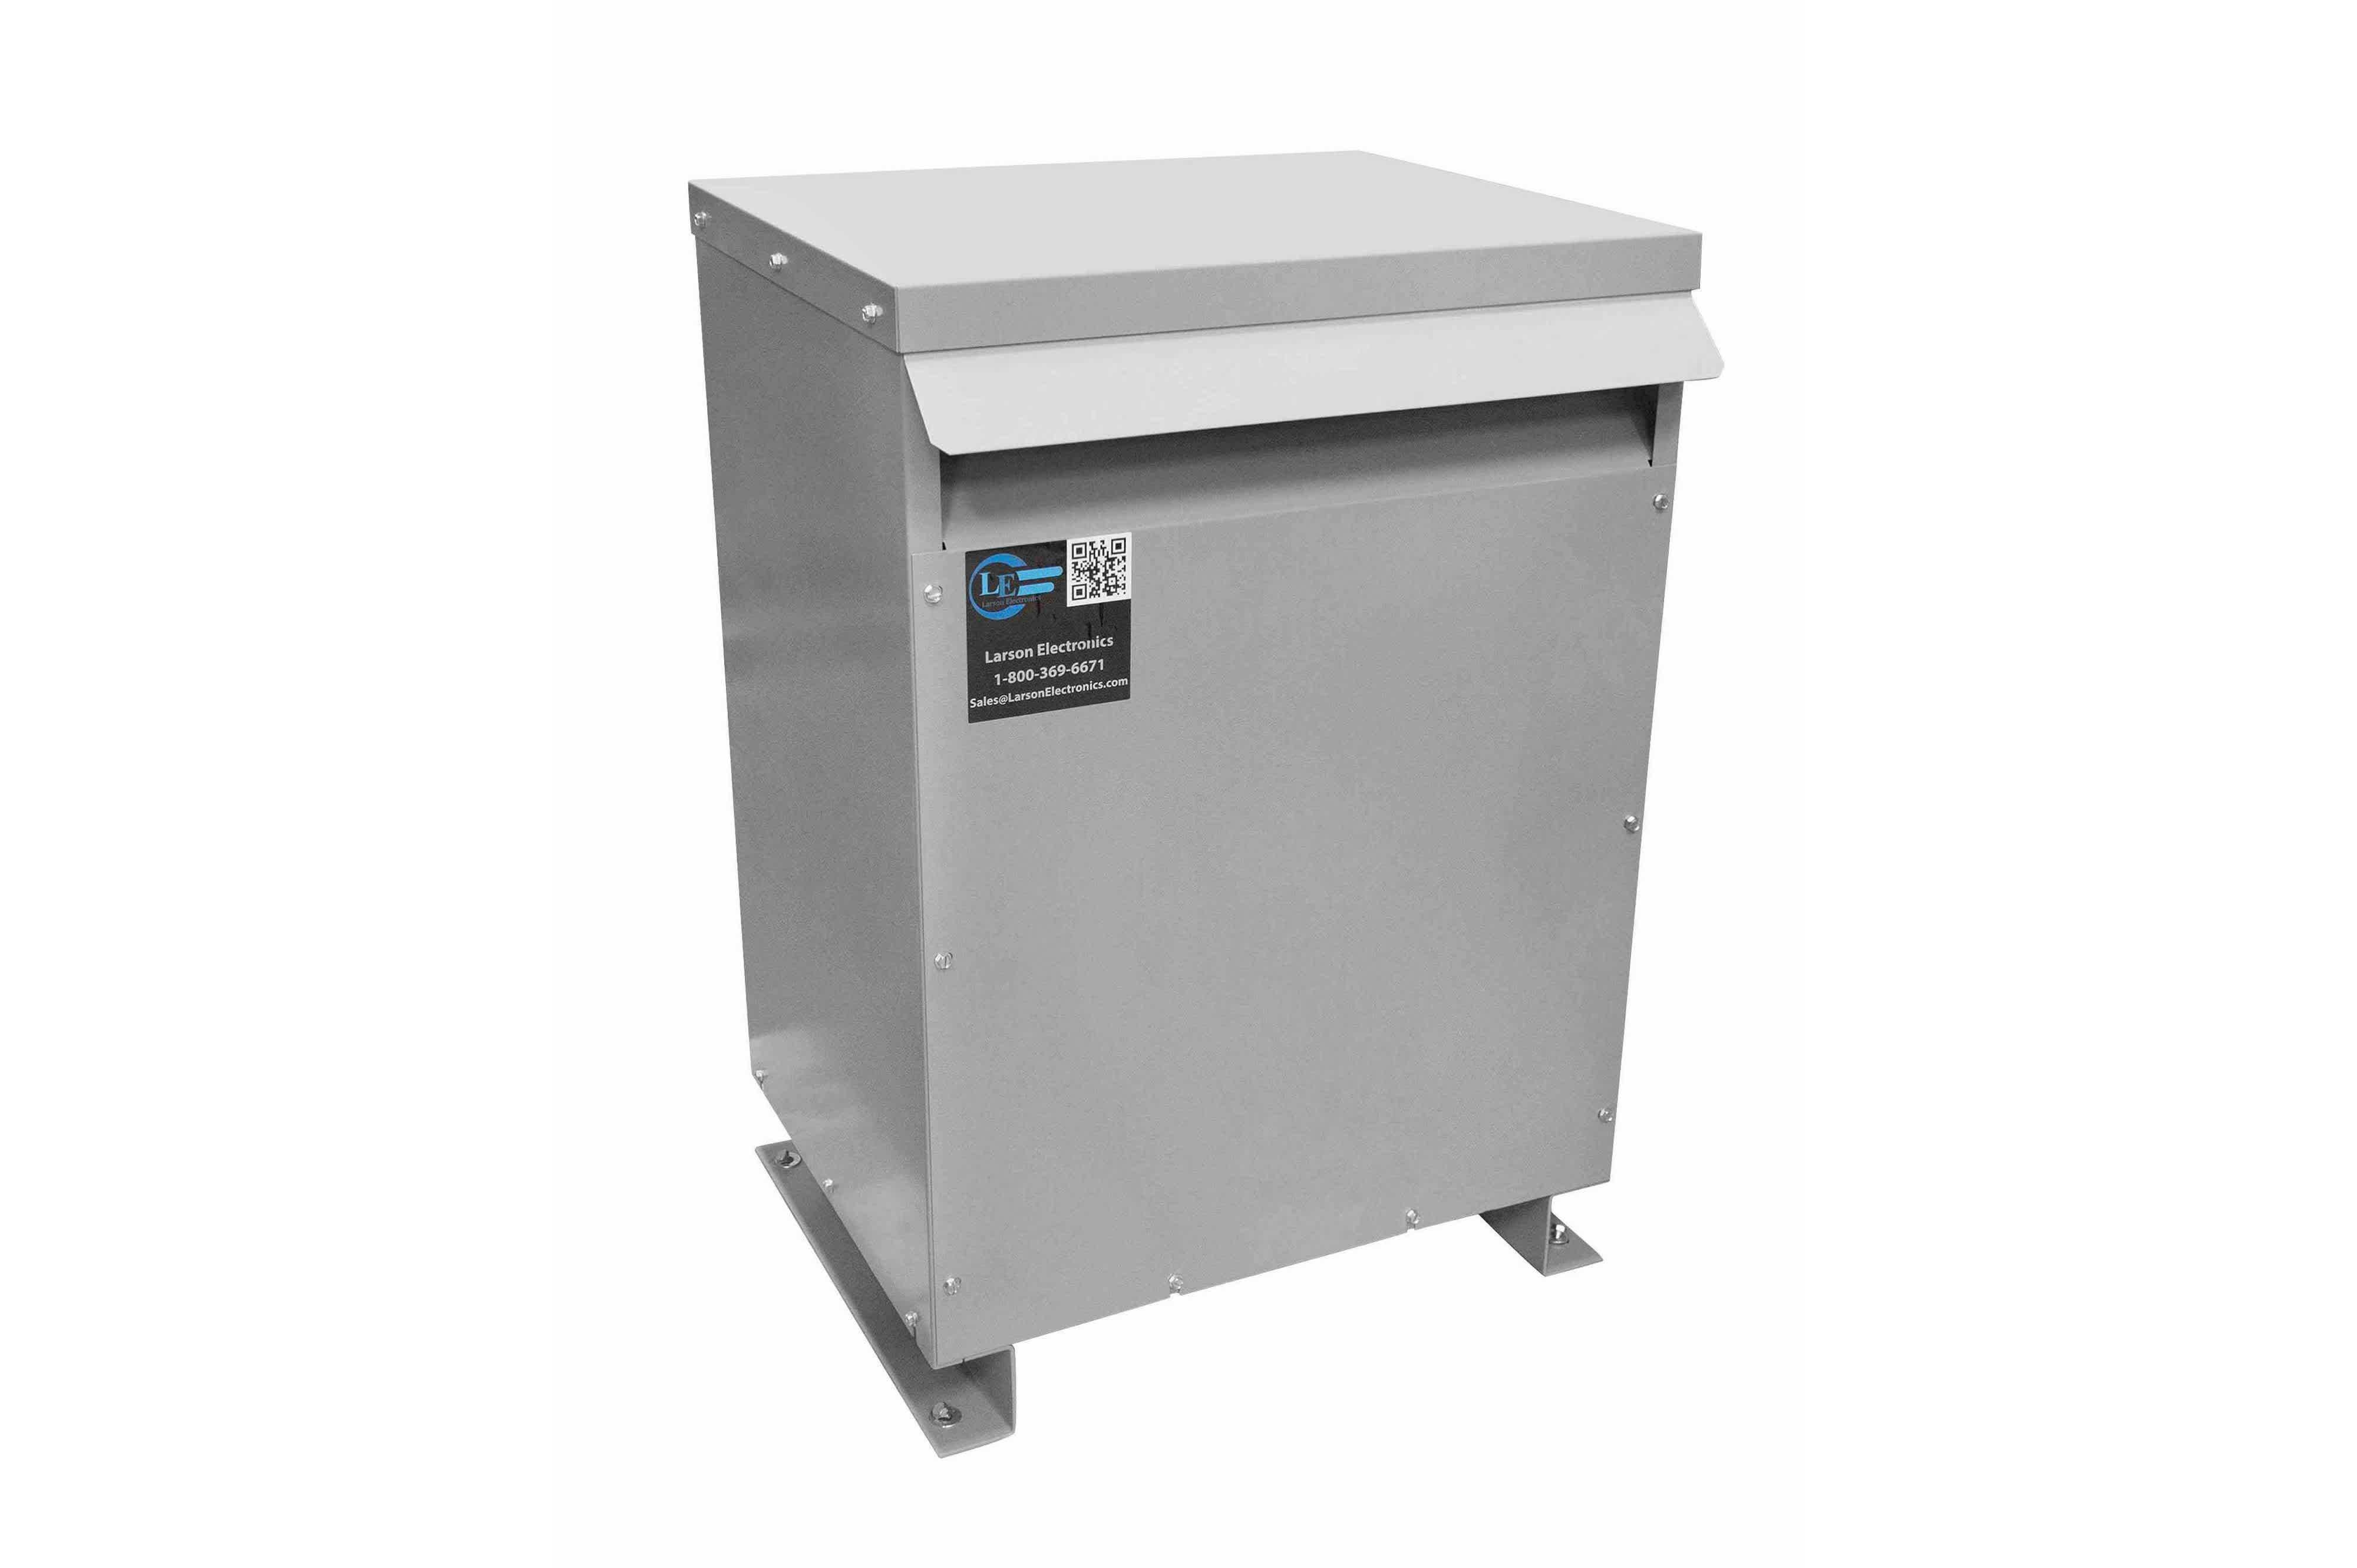 1000 kVA 3PH Isolation Transformer, 460V Delta Primary, 415V Delta Secondary, N3R, Ventilated, 60 Hz